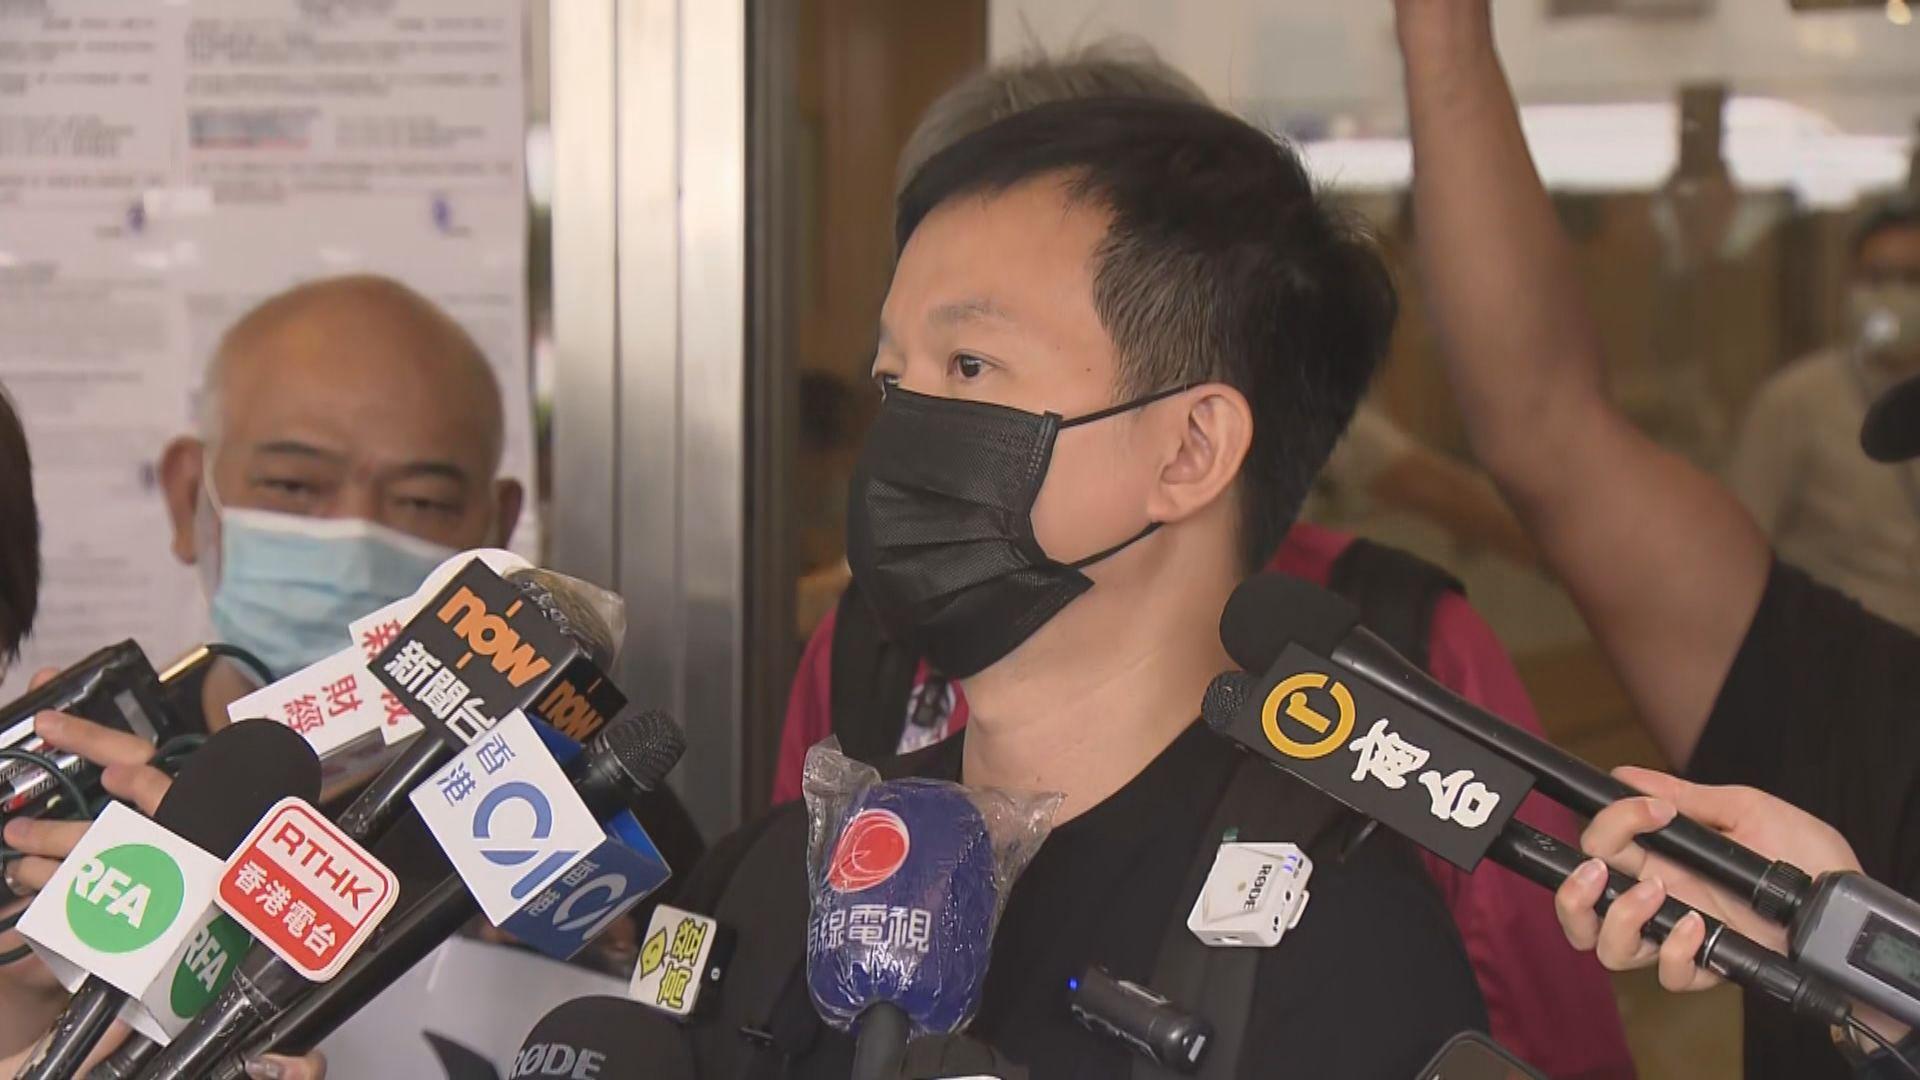 譚得志保釋申請被拒至少還押至11月 陳志全對裁決表失望